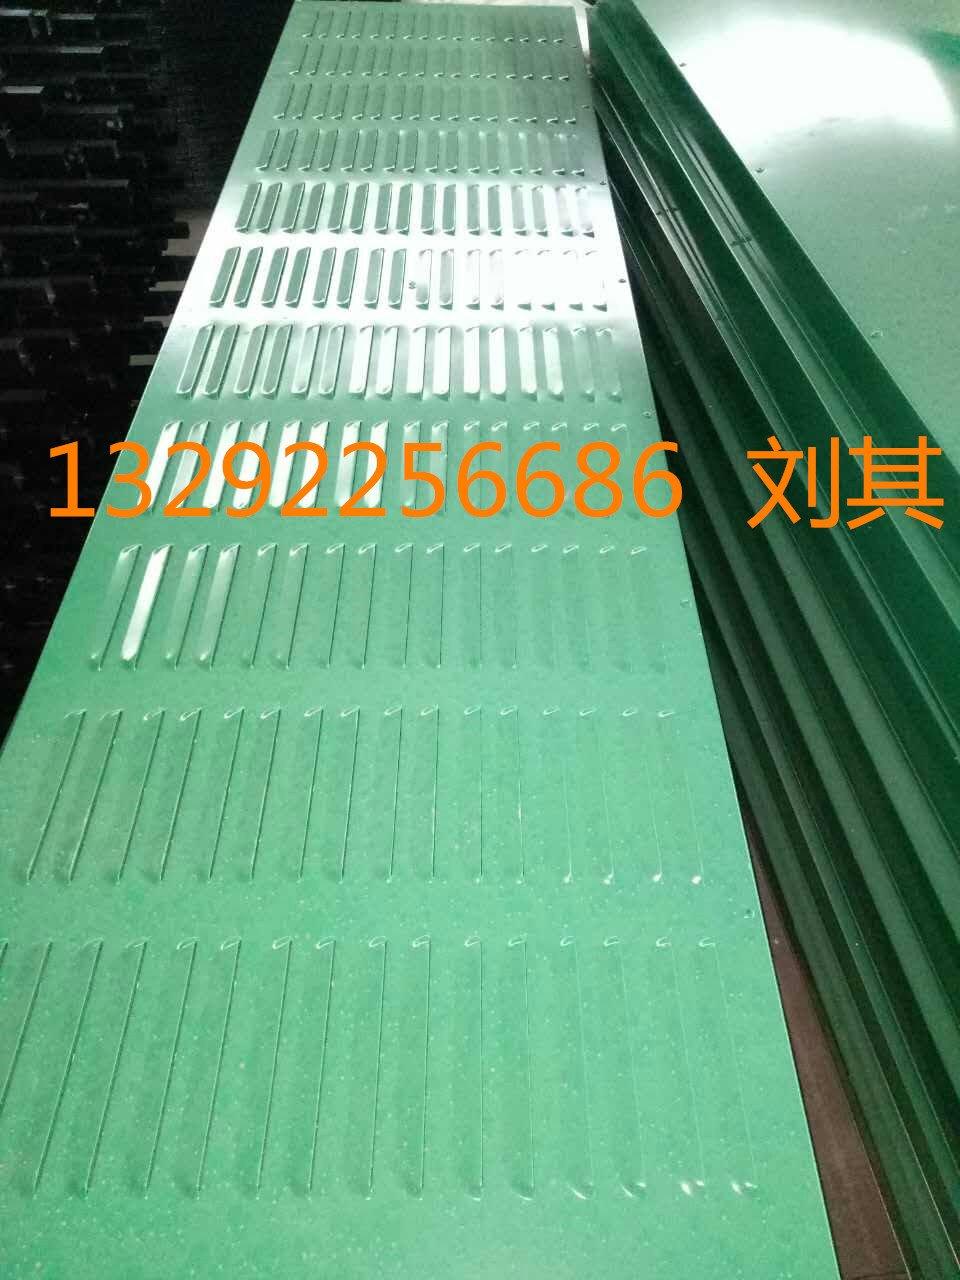 mmexport1498178443040.jpg